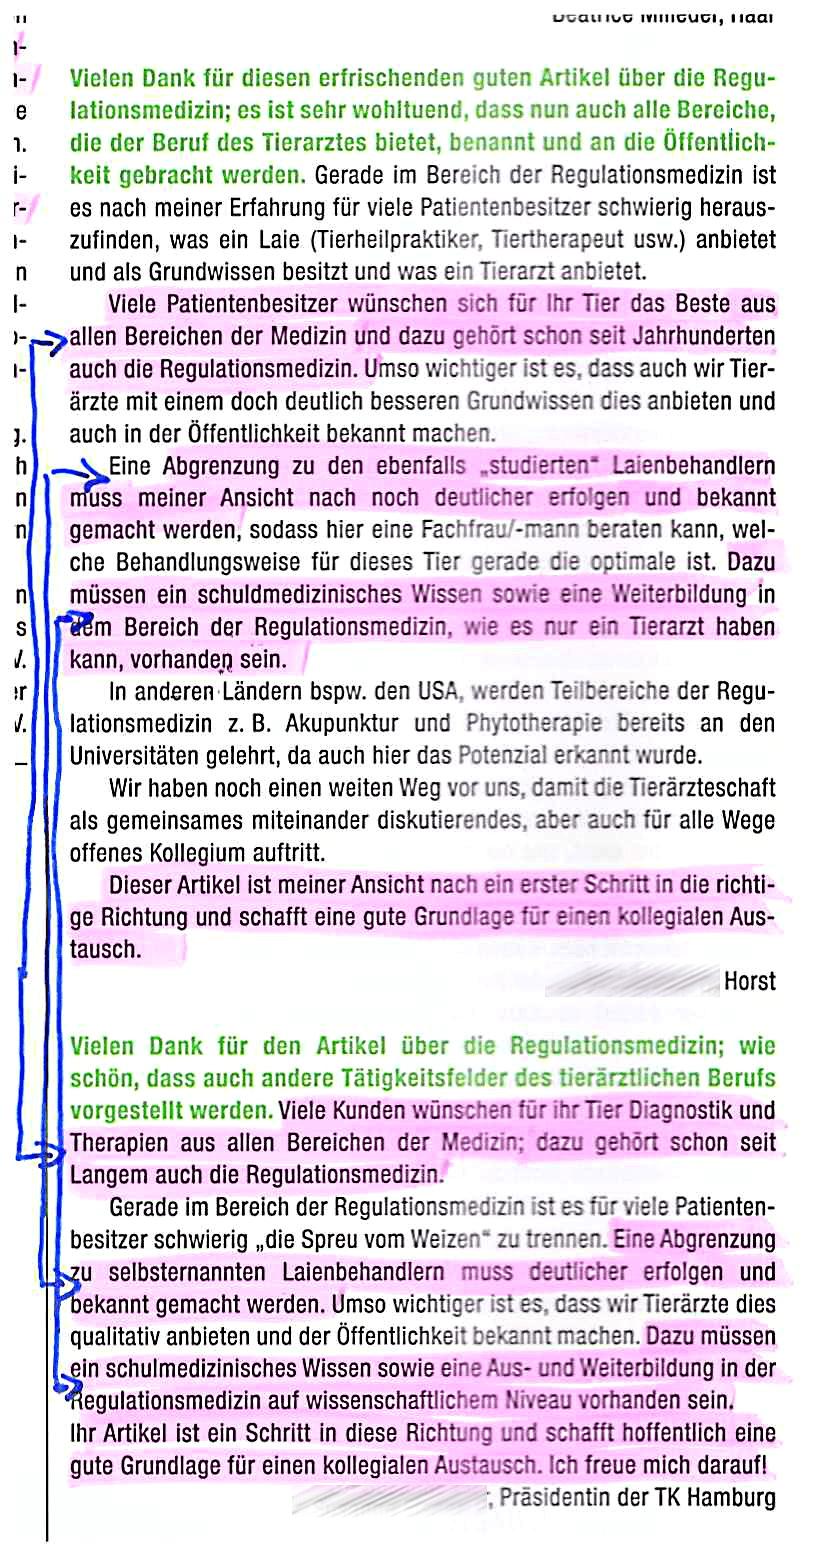 Das Deutsche Tierärzteblatt und die Homöopathie